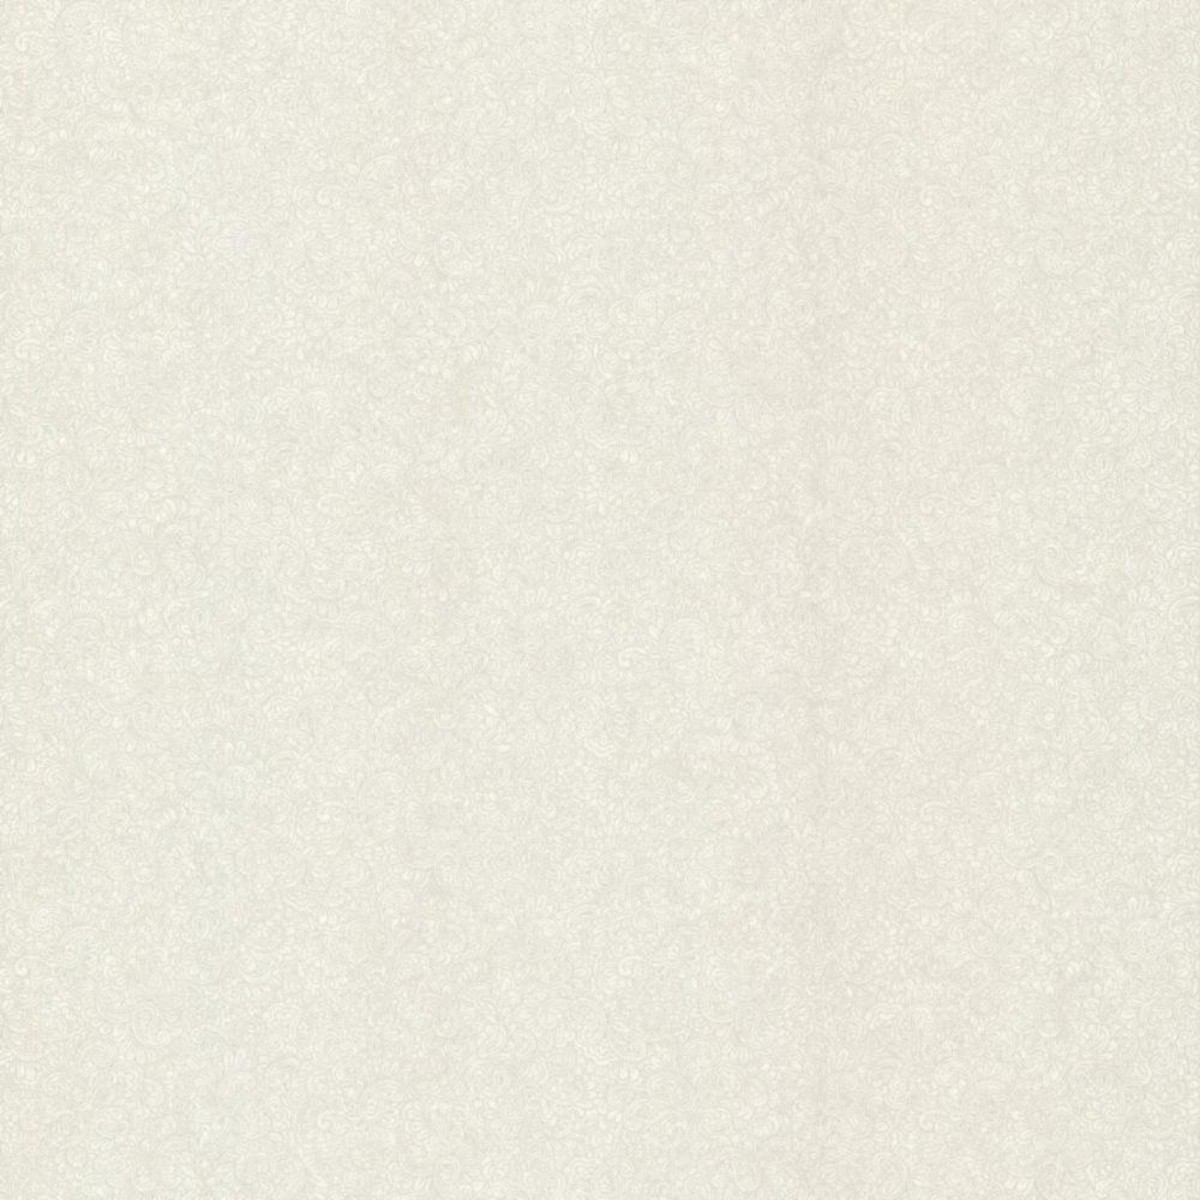 Обои флизелиновые Aura Avalon серые 0.53 м DL21422 (2665-21422)